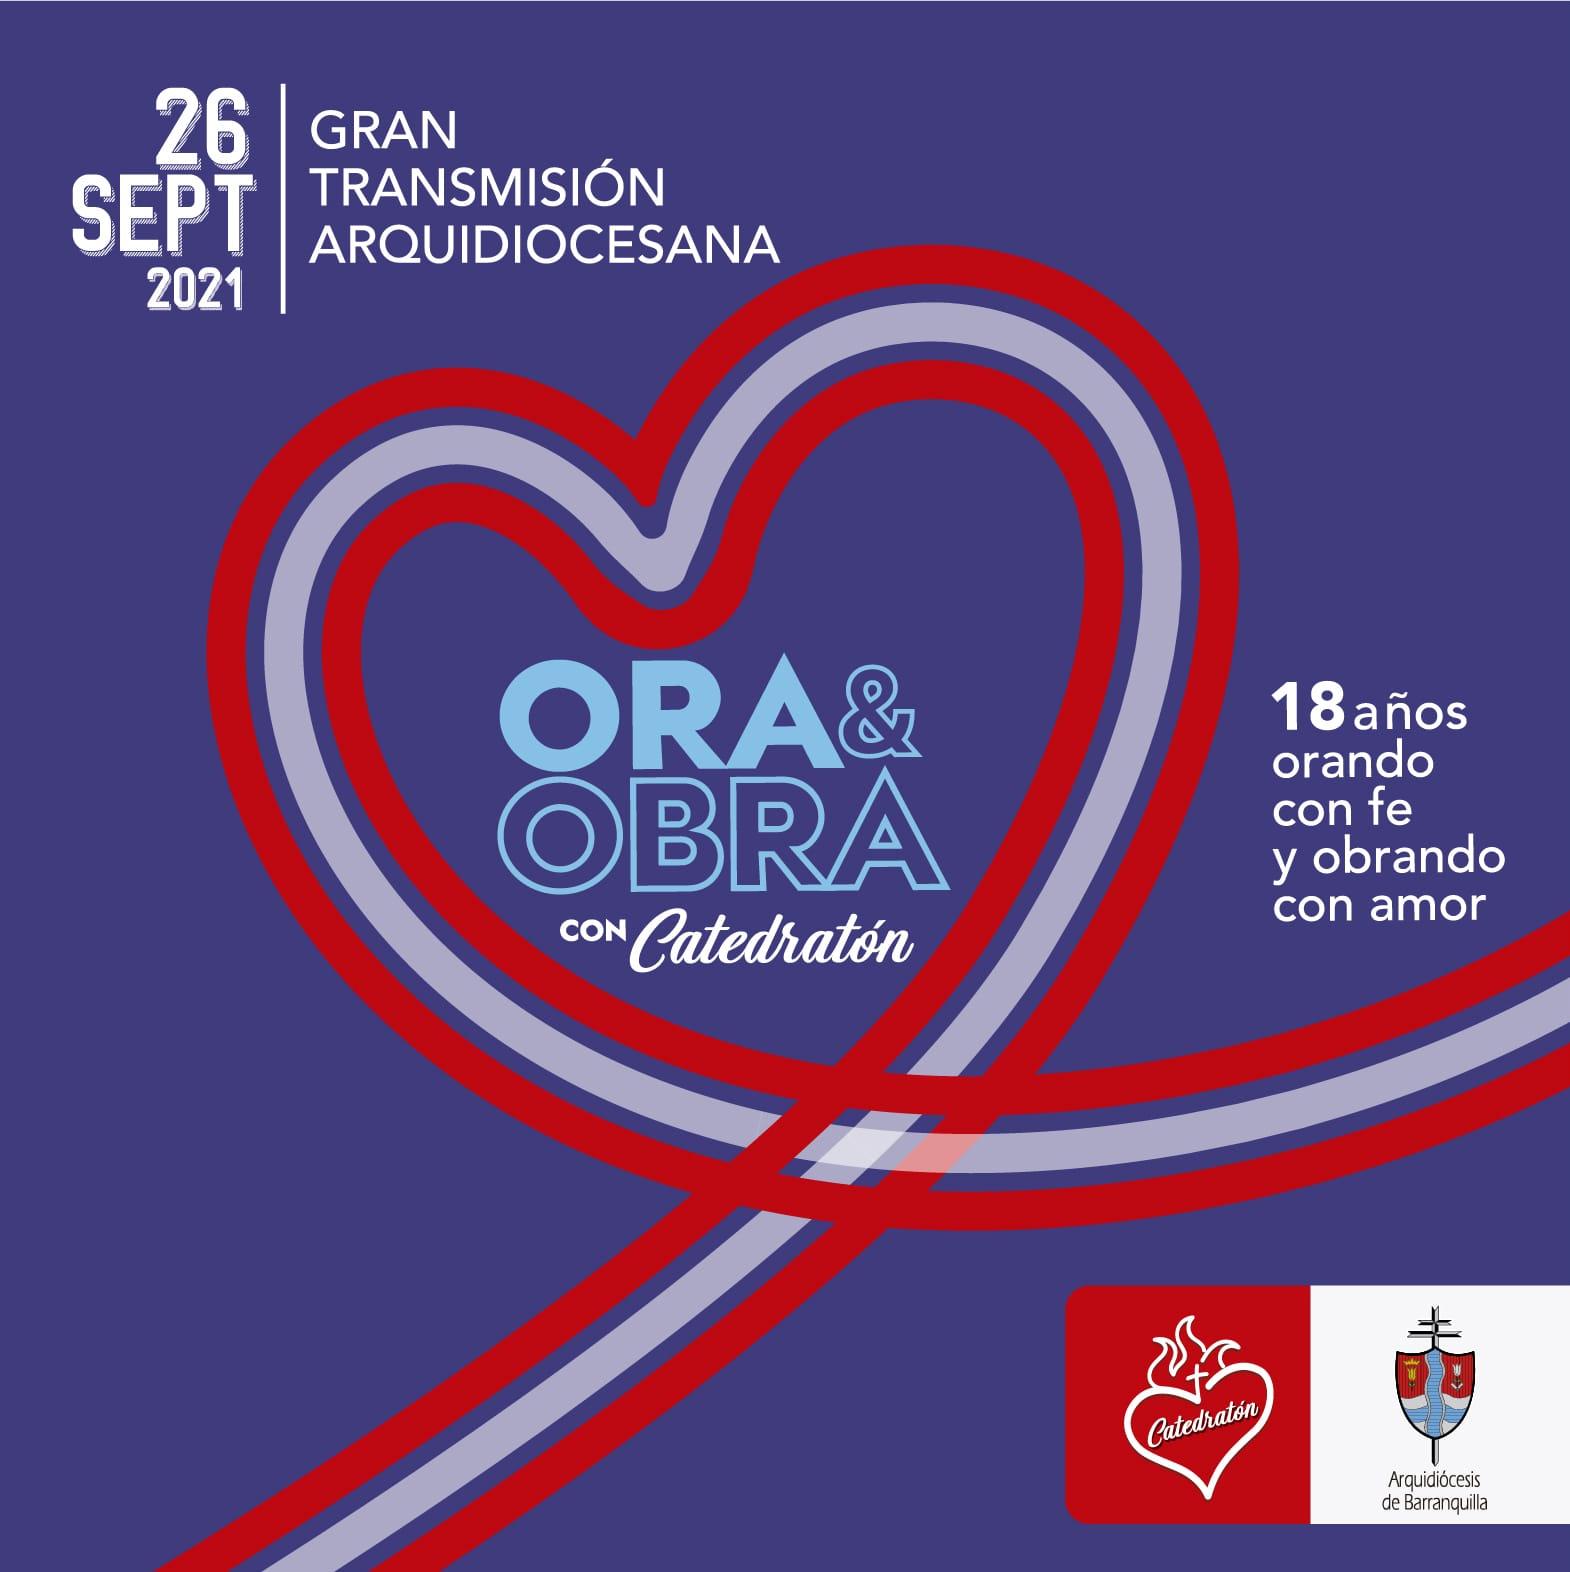 Todo listo para Catedratón 2021, este domingo, en el Cubo de Cristal en Barranquilla – @catedratonbaq